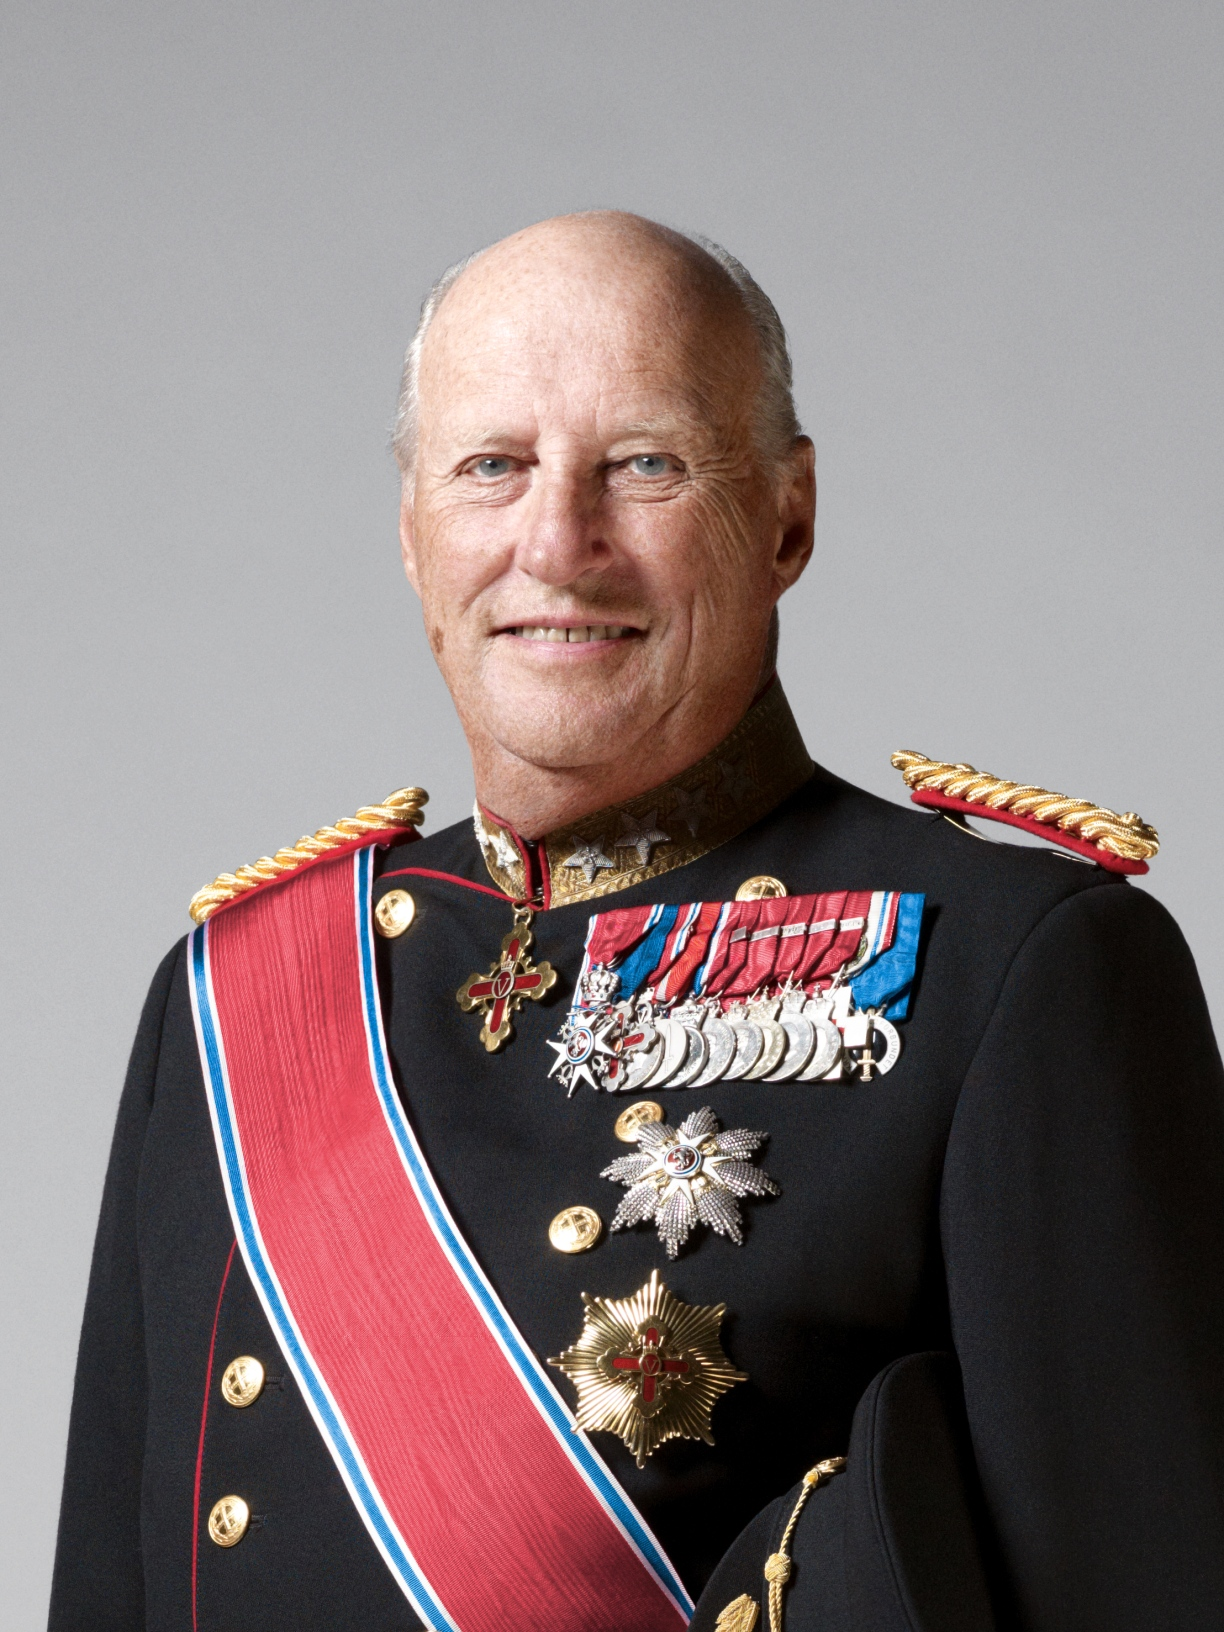 Hans Majestet Kong Harald V